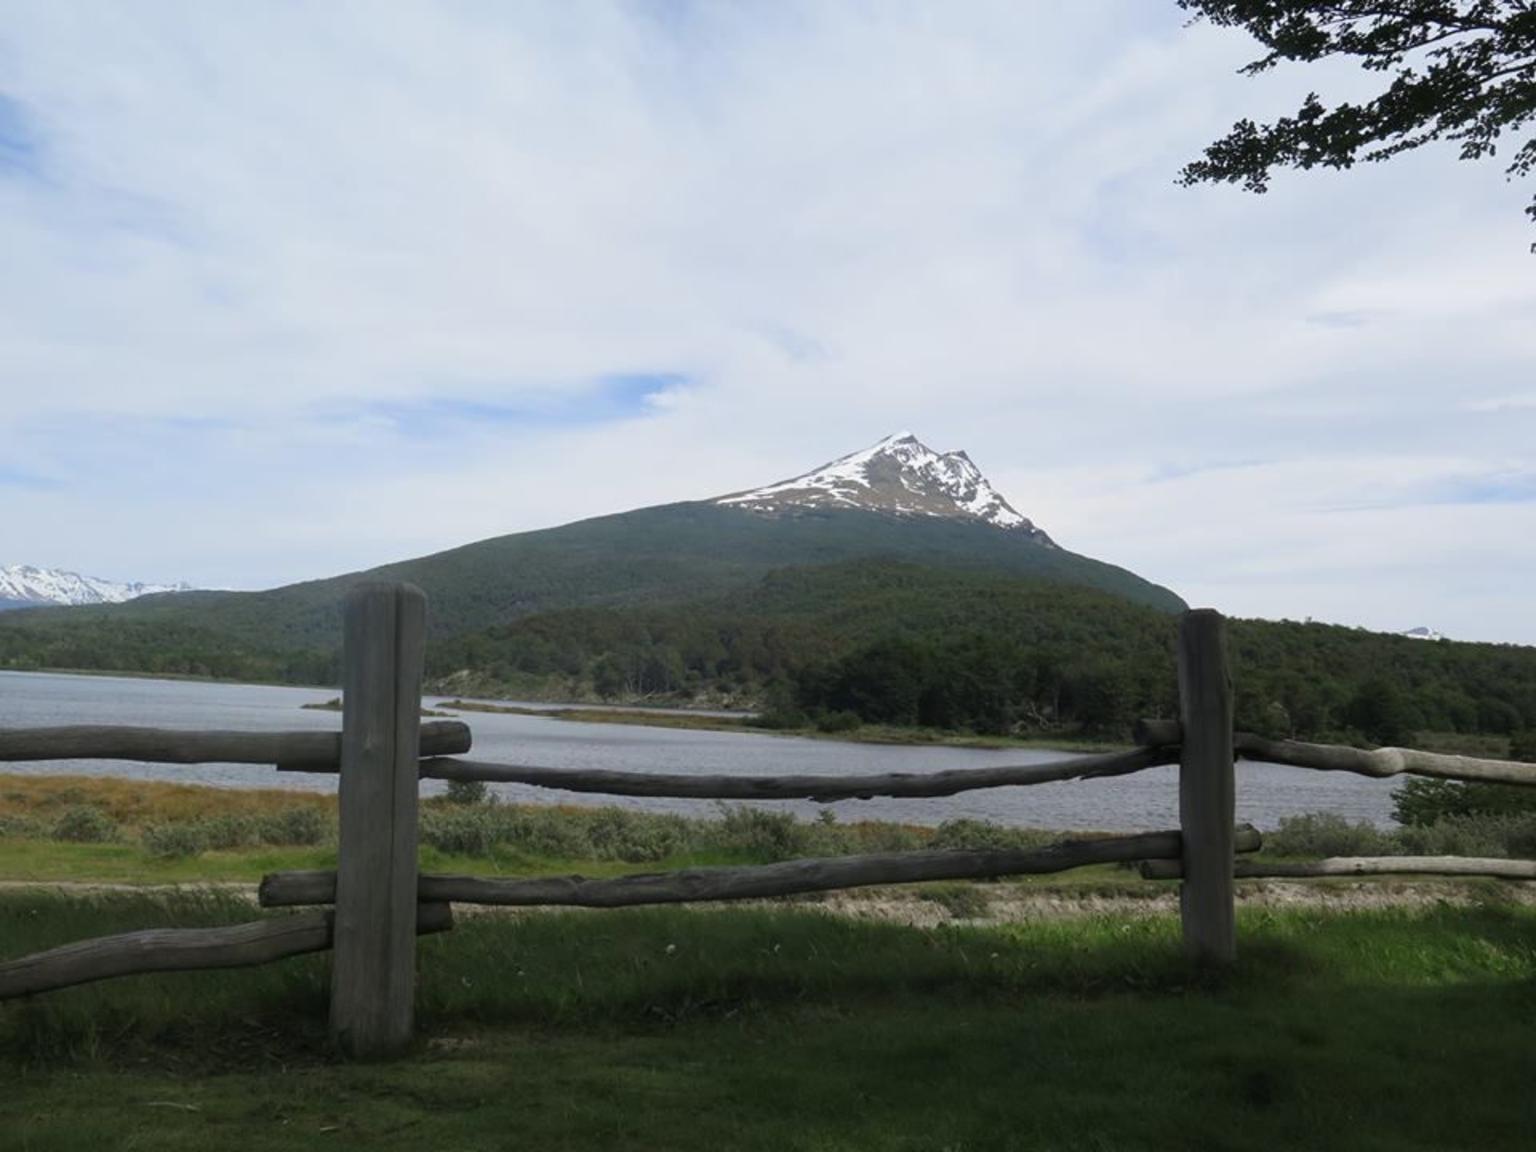 MÁS FOTOS, Excursión combinada a Tierra del Fuego y el Canal Beagle en tren y barco